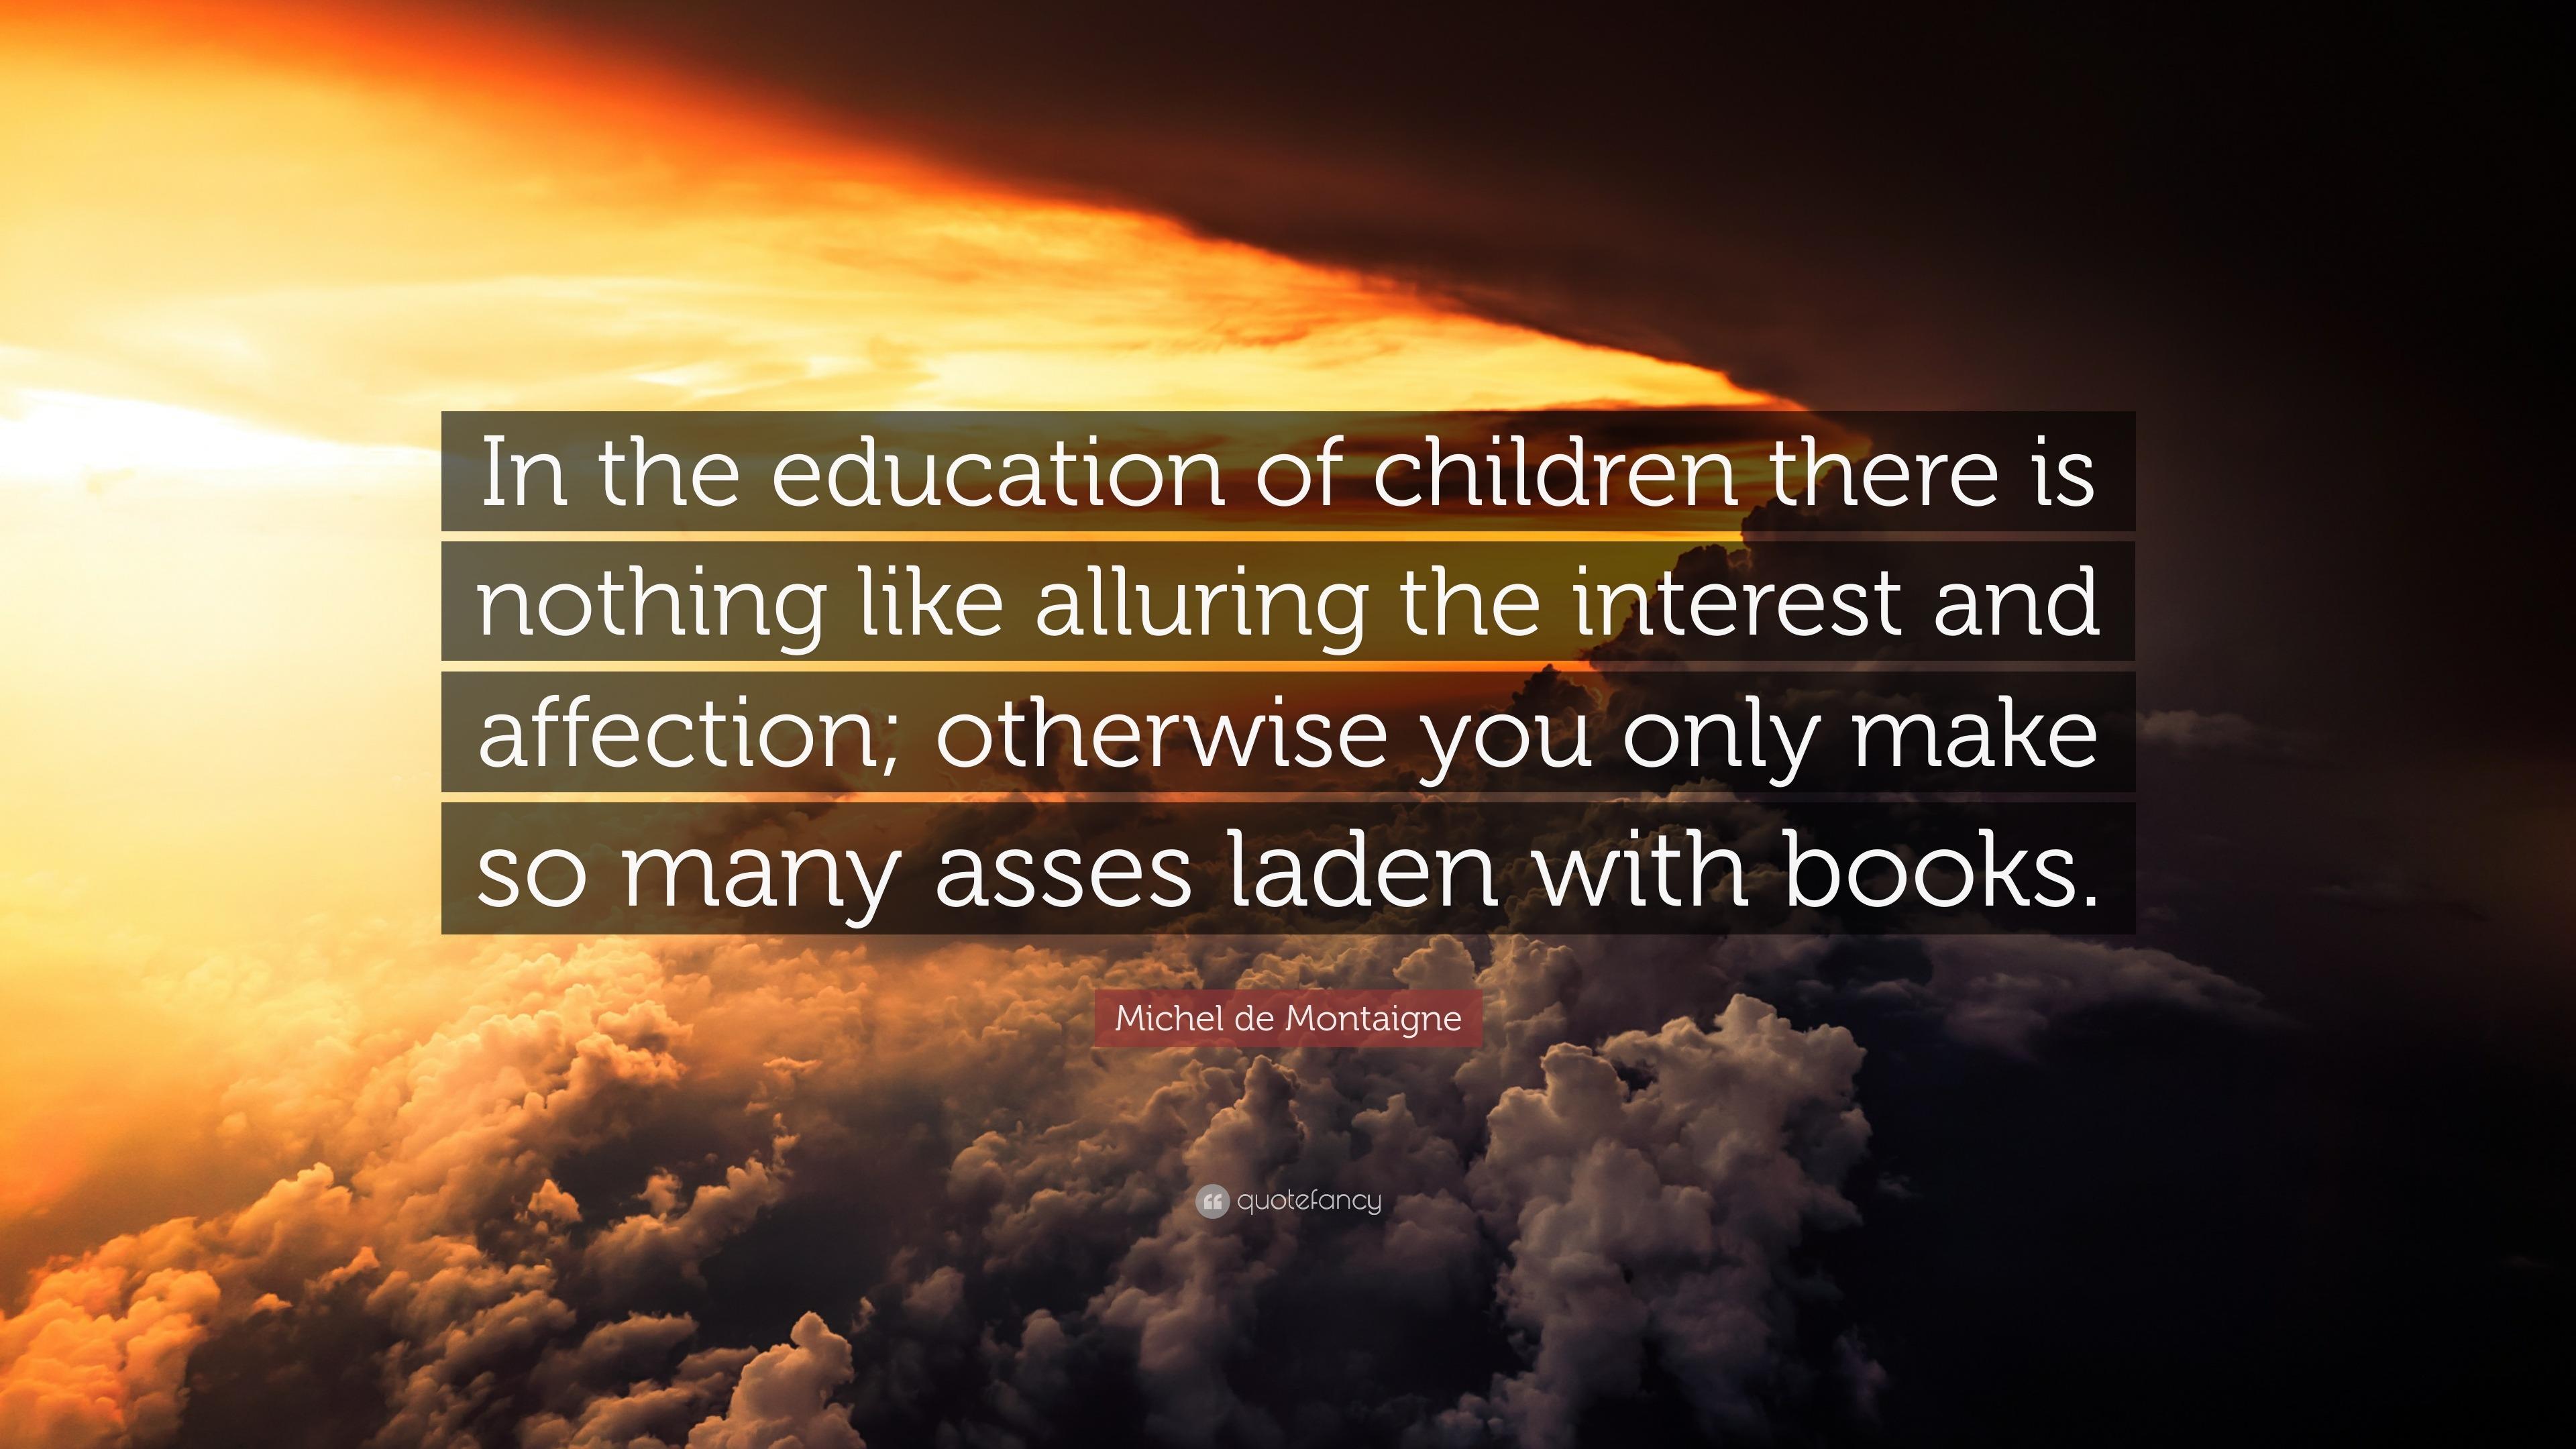 montaigne on education